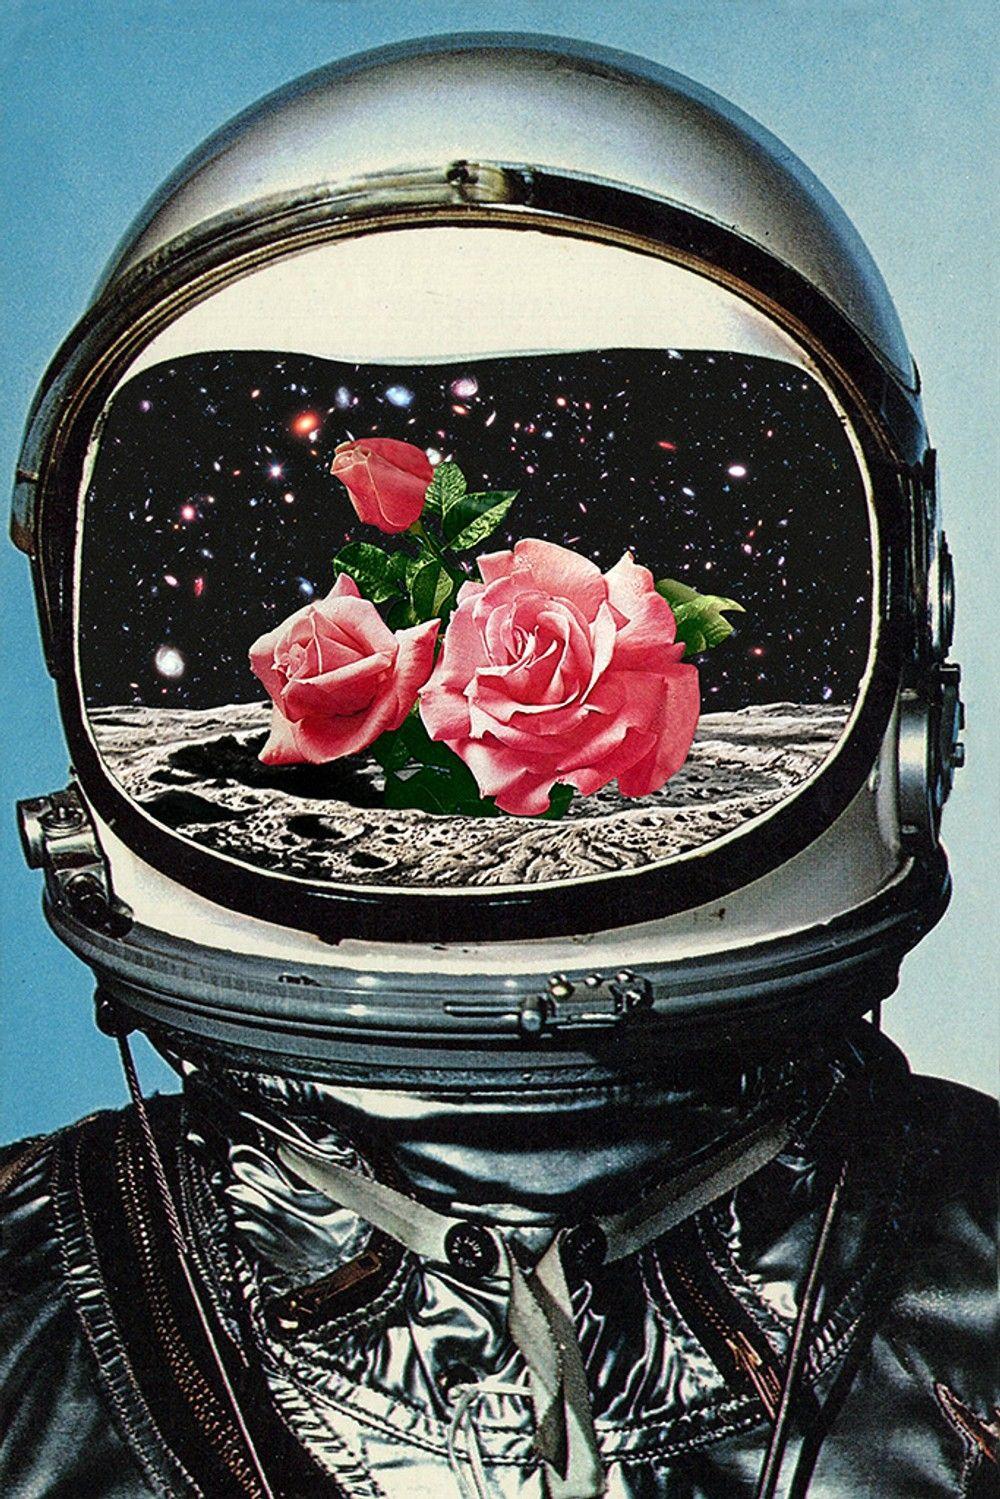 картинка скафандр с розами причина